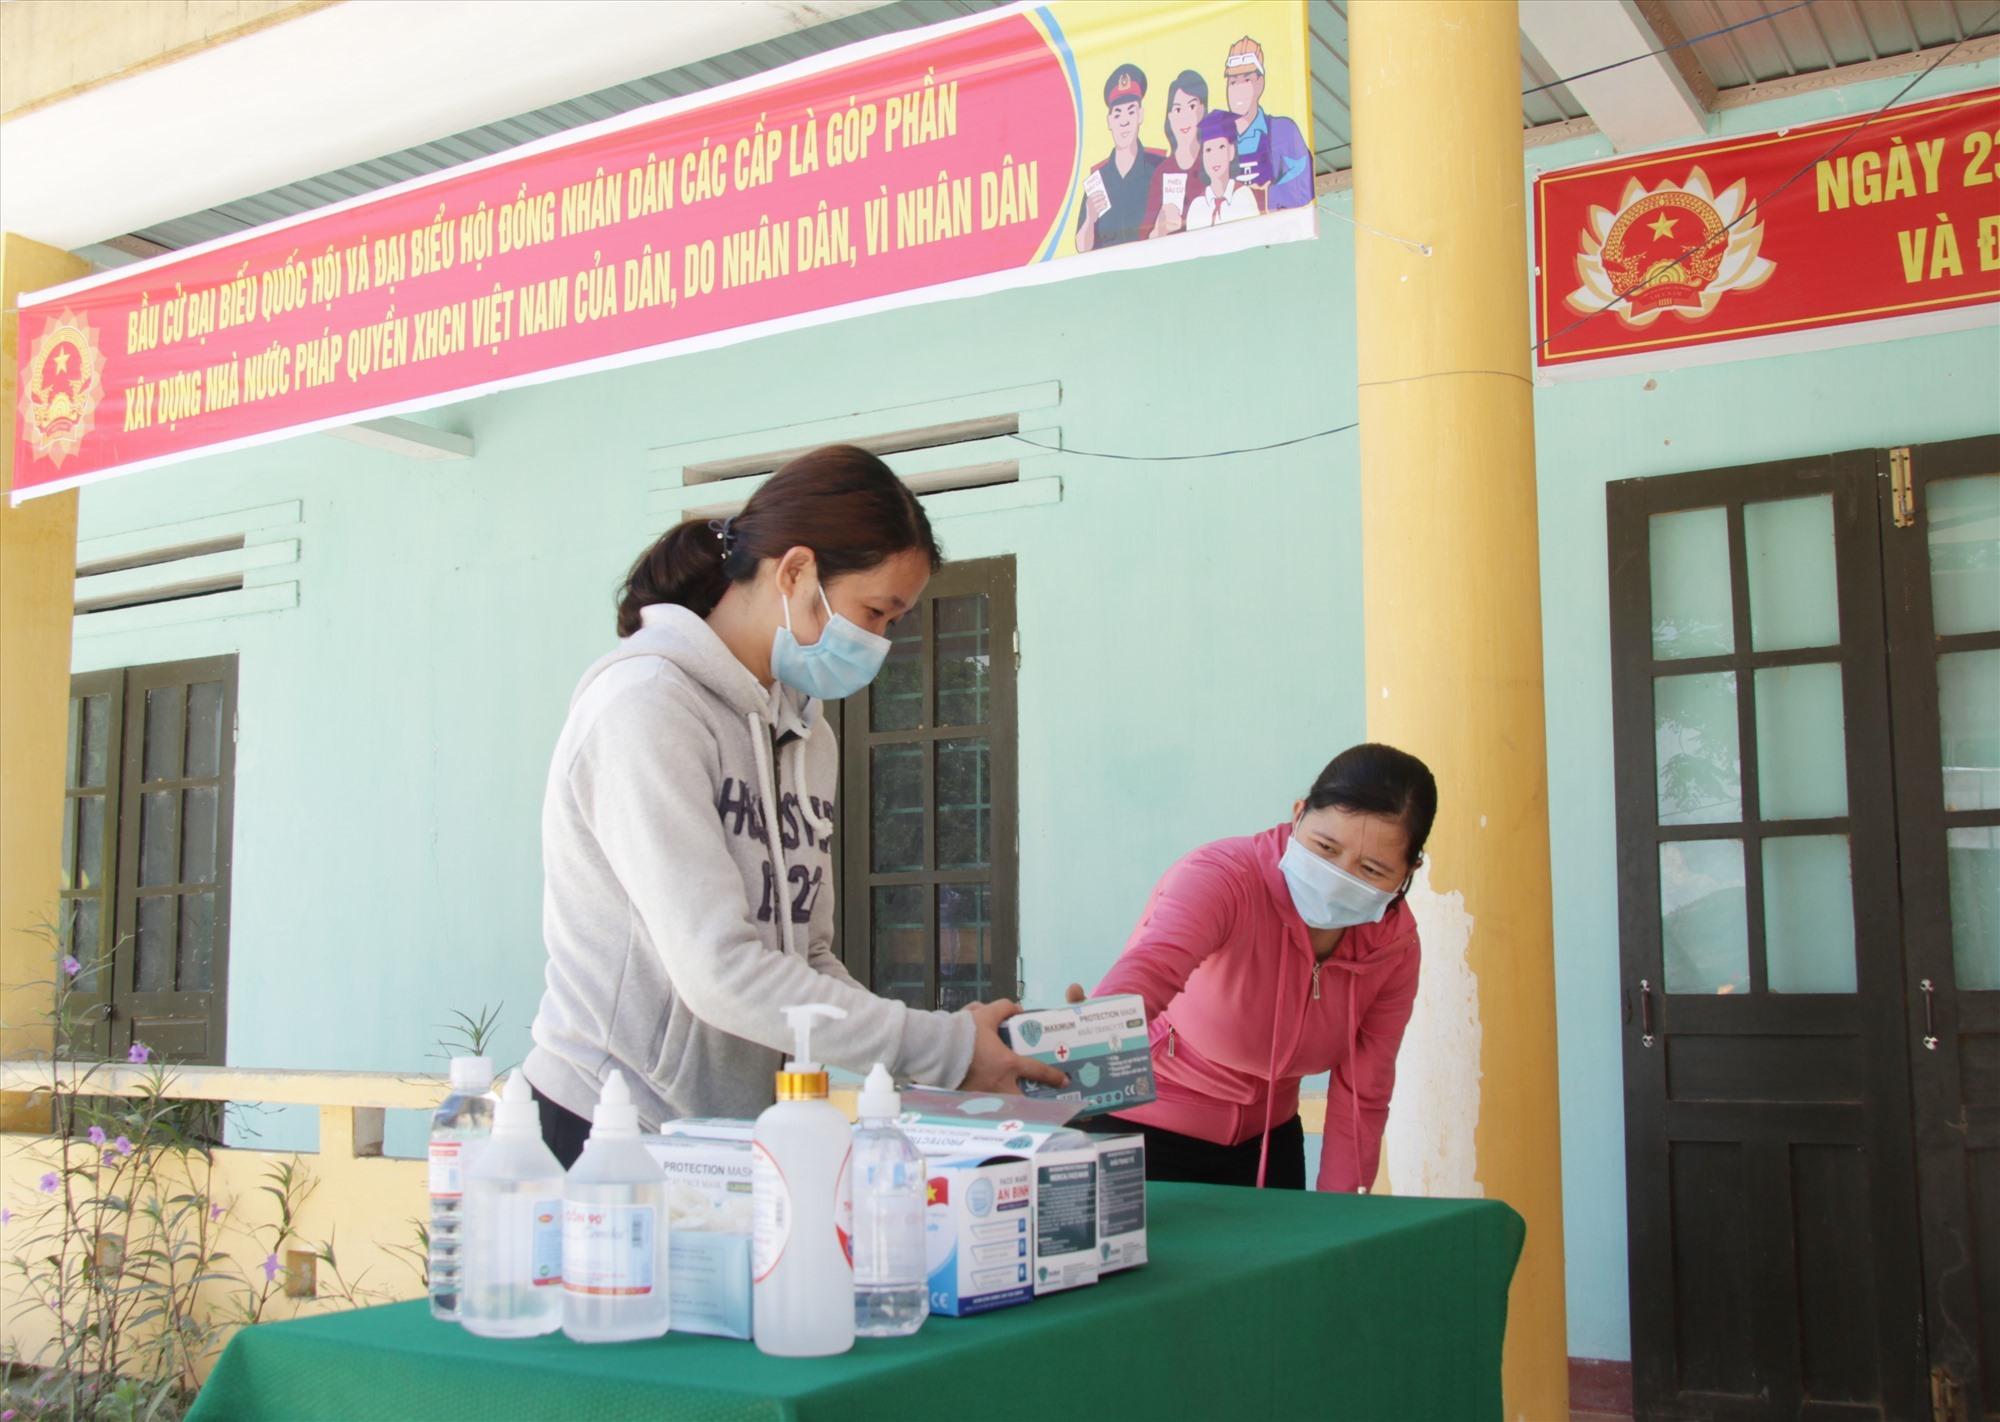 Chuẩn bị vật tư, thiết bị y tế phòng dịch Covid-19 cho ngày bầu cử.Ảnh: Q.H